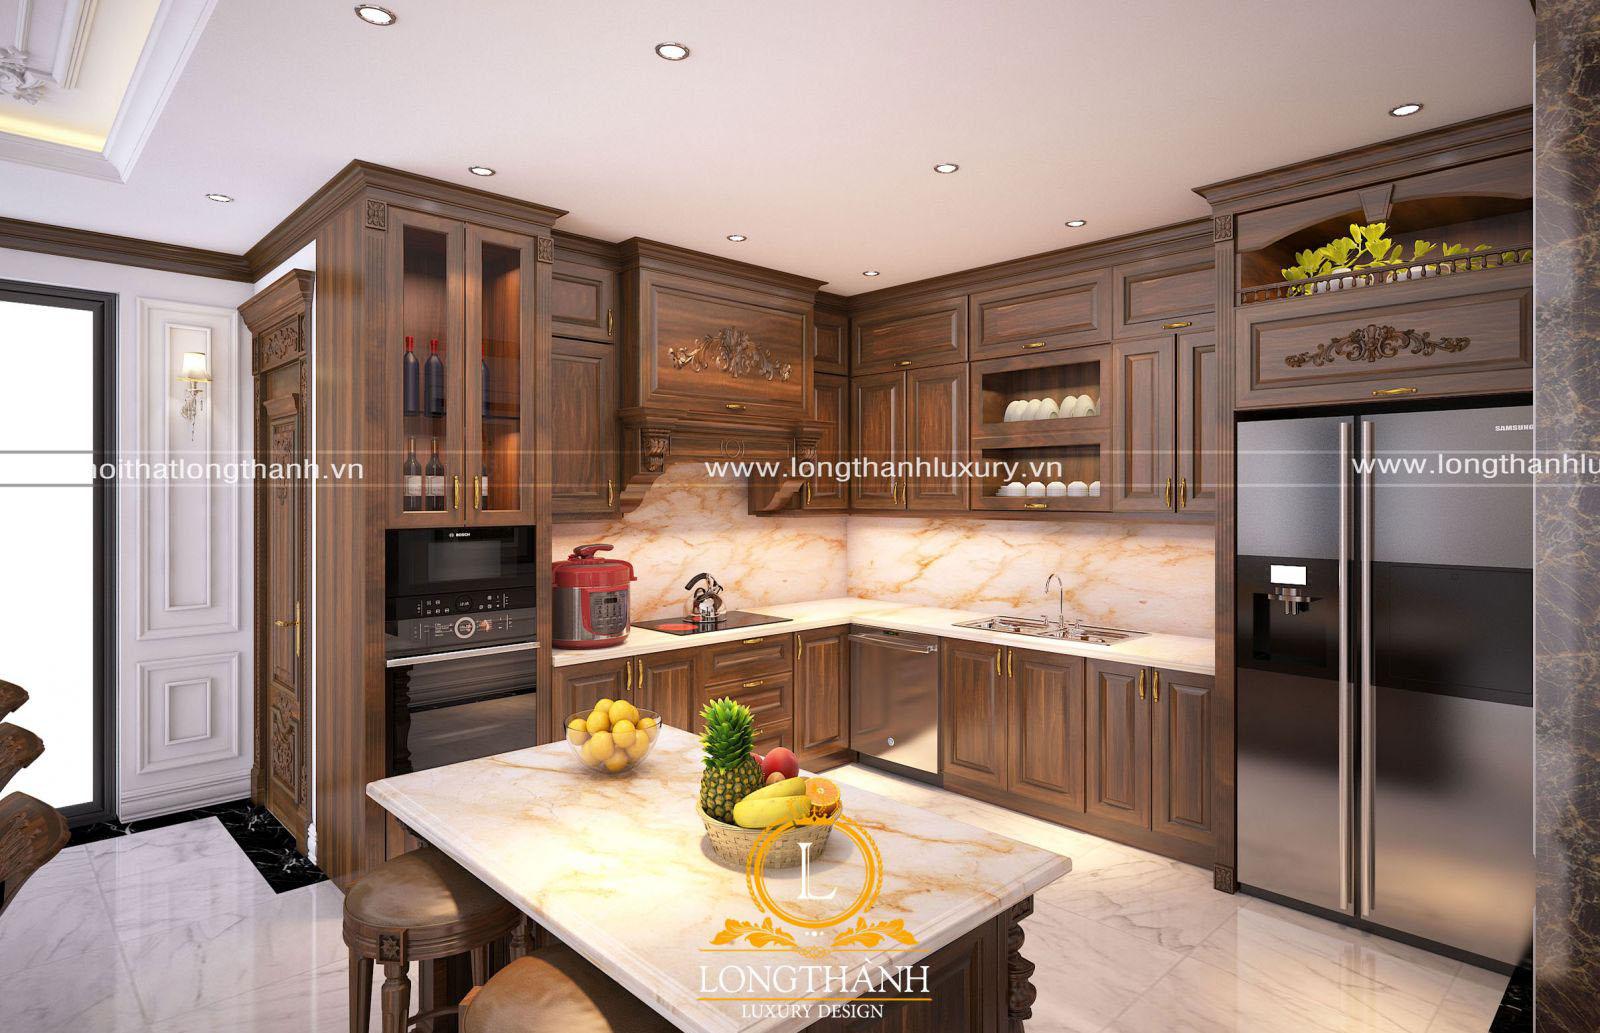 Mẫu tủ bếp tân cổ điển màu nâu trầm